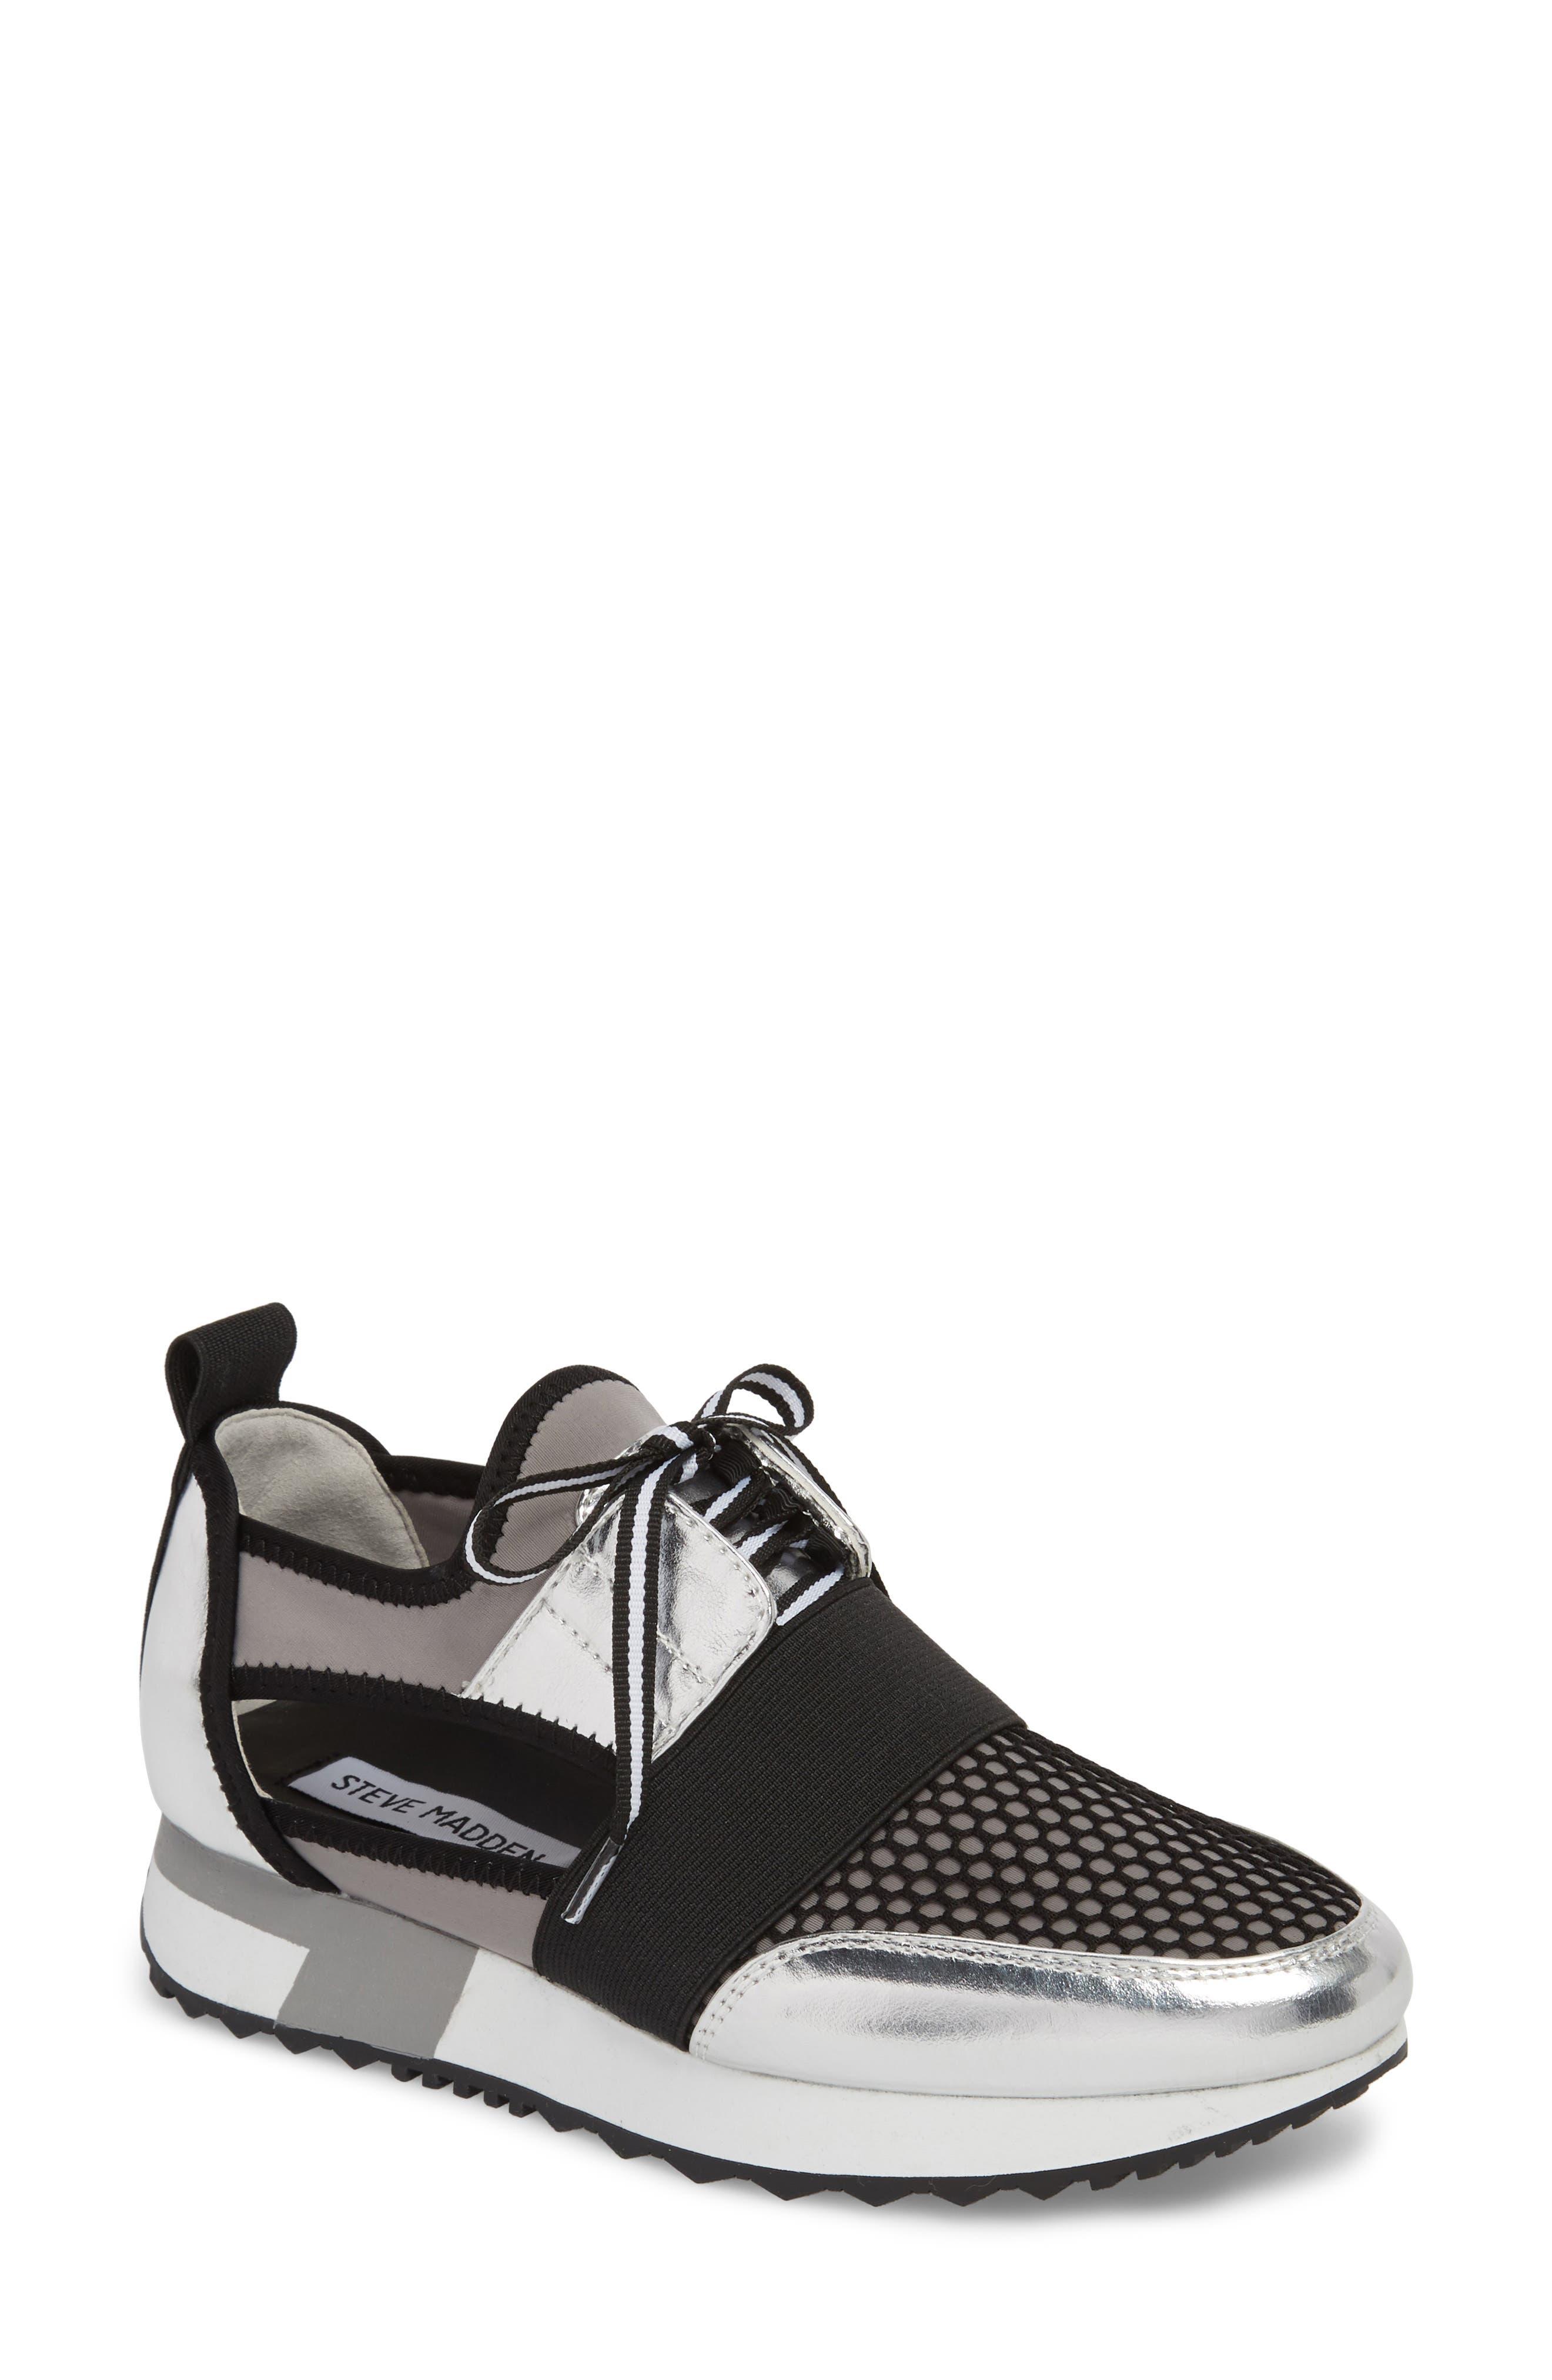 Steve Madden Arctic Sneaker (Women)